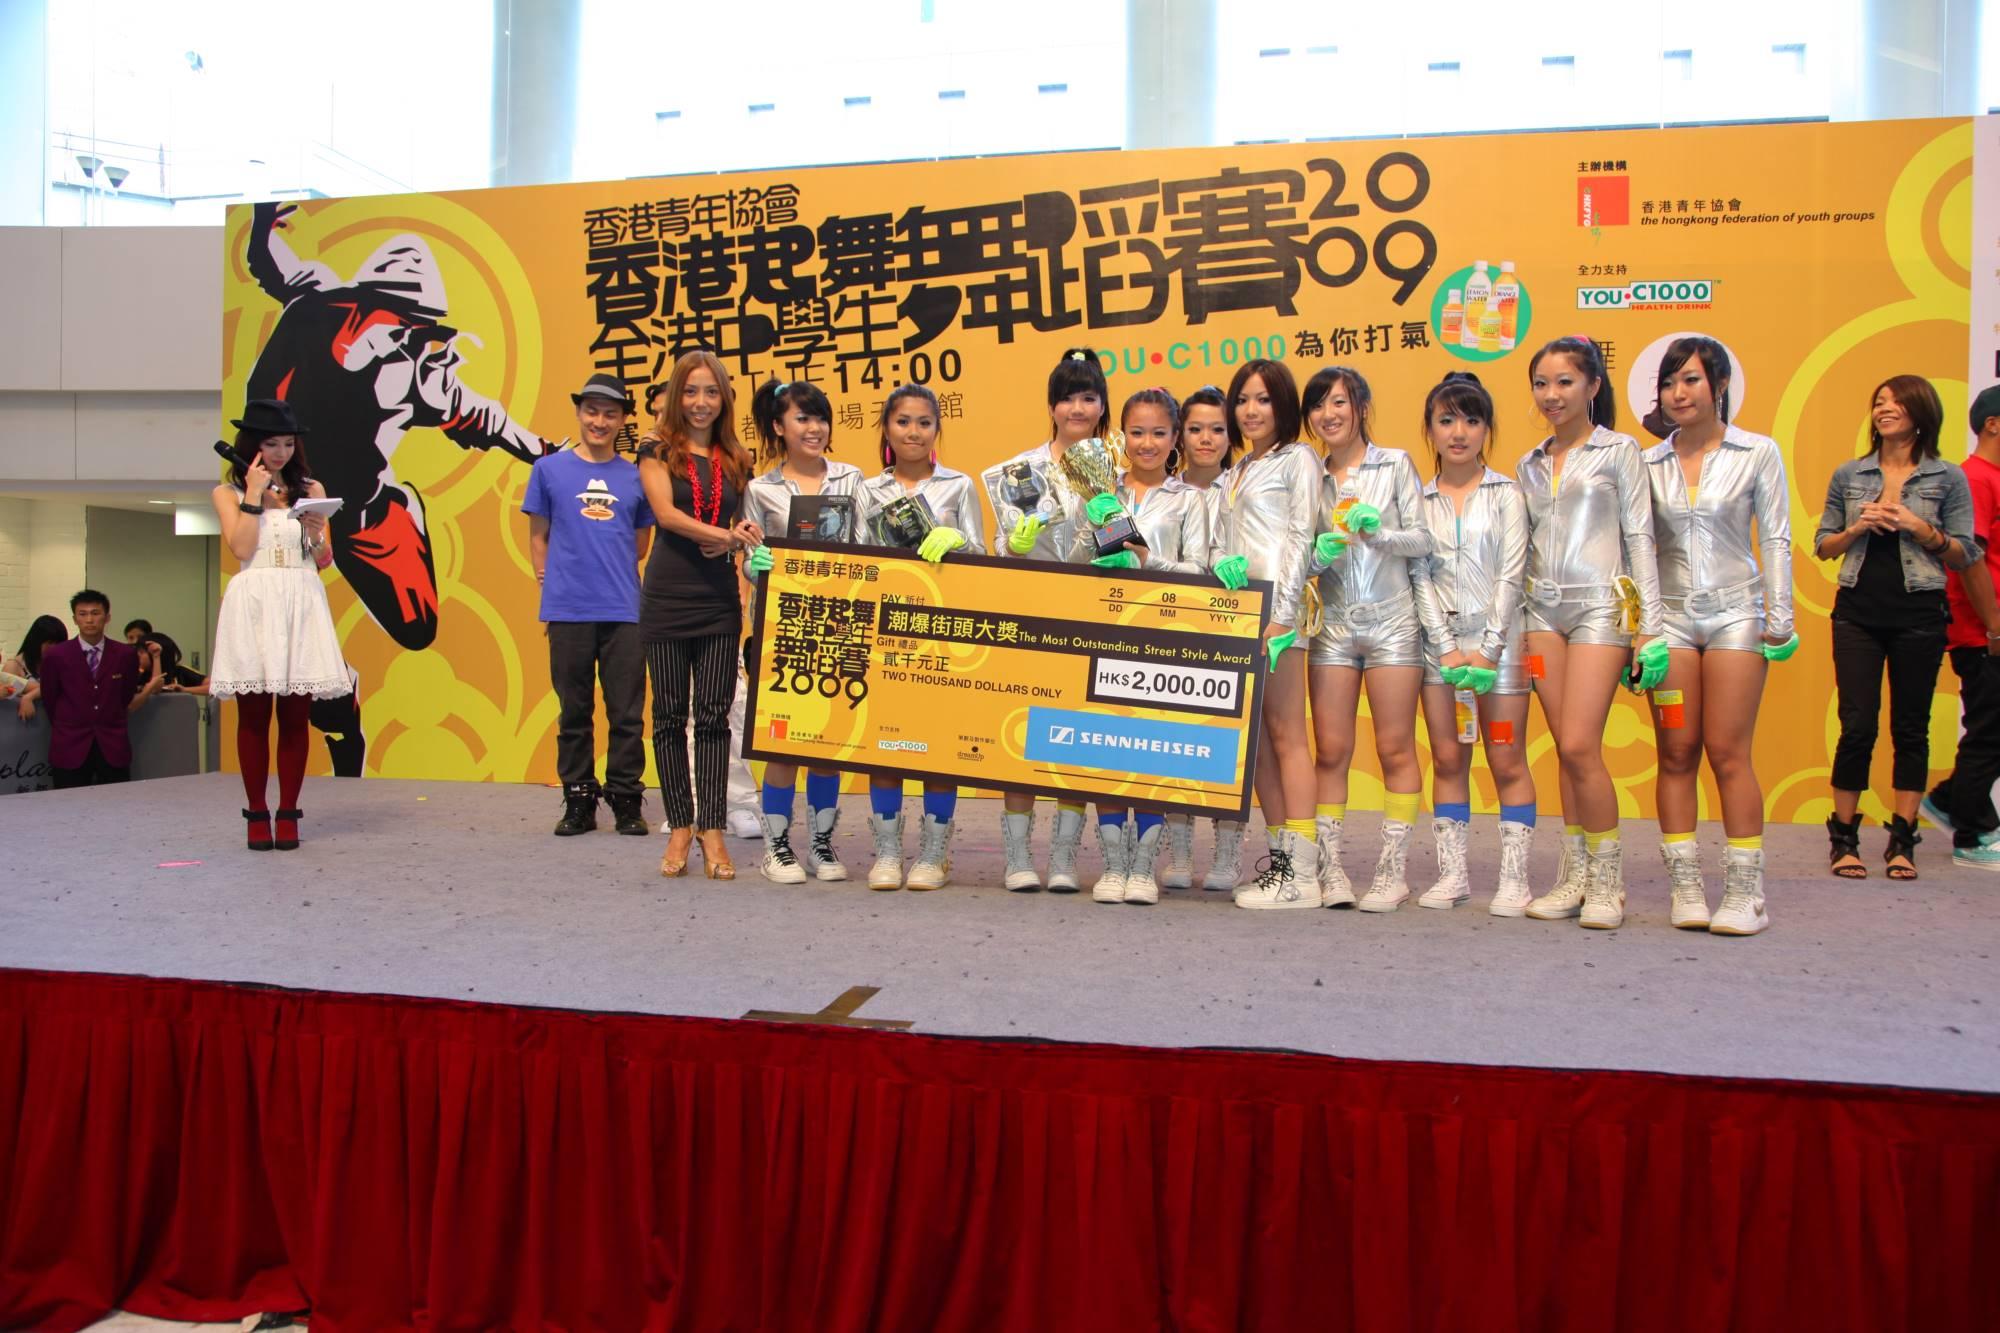 全港中學生舞蹈賽2009得獎隊伍 (1)